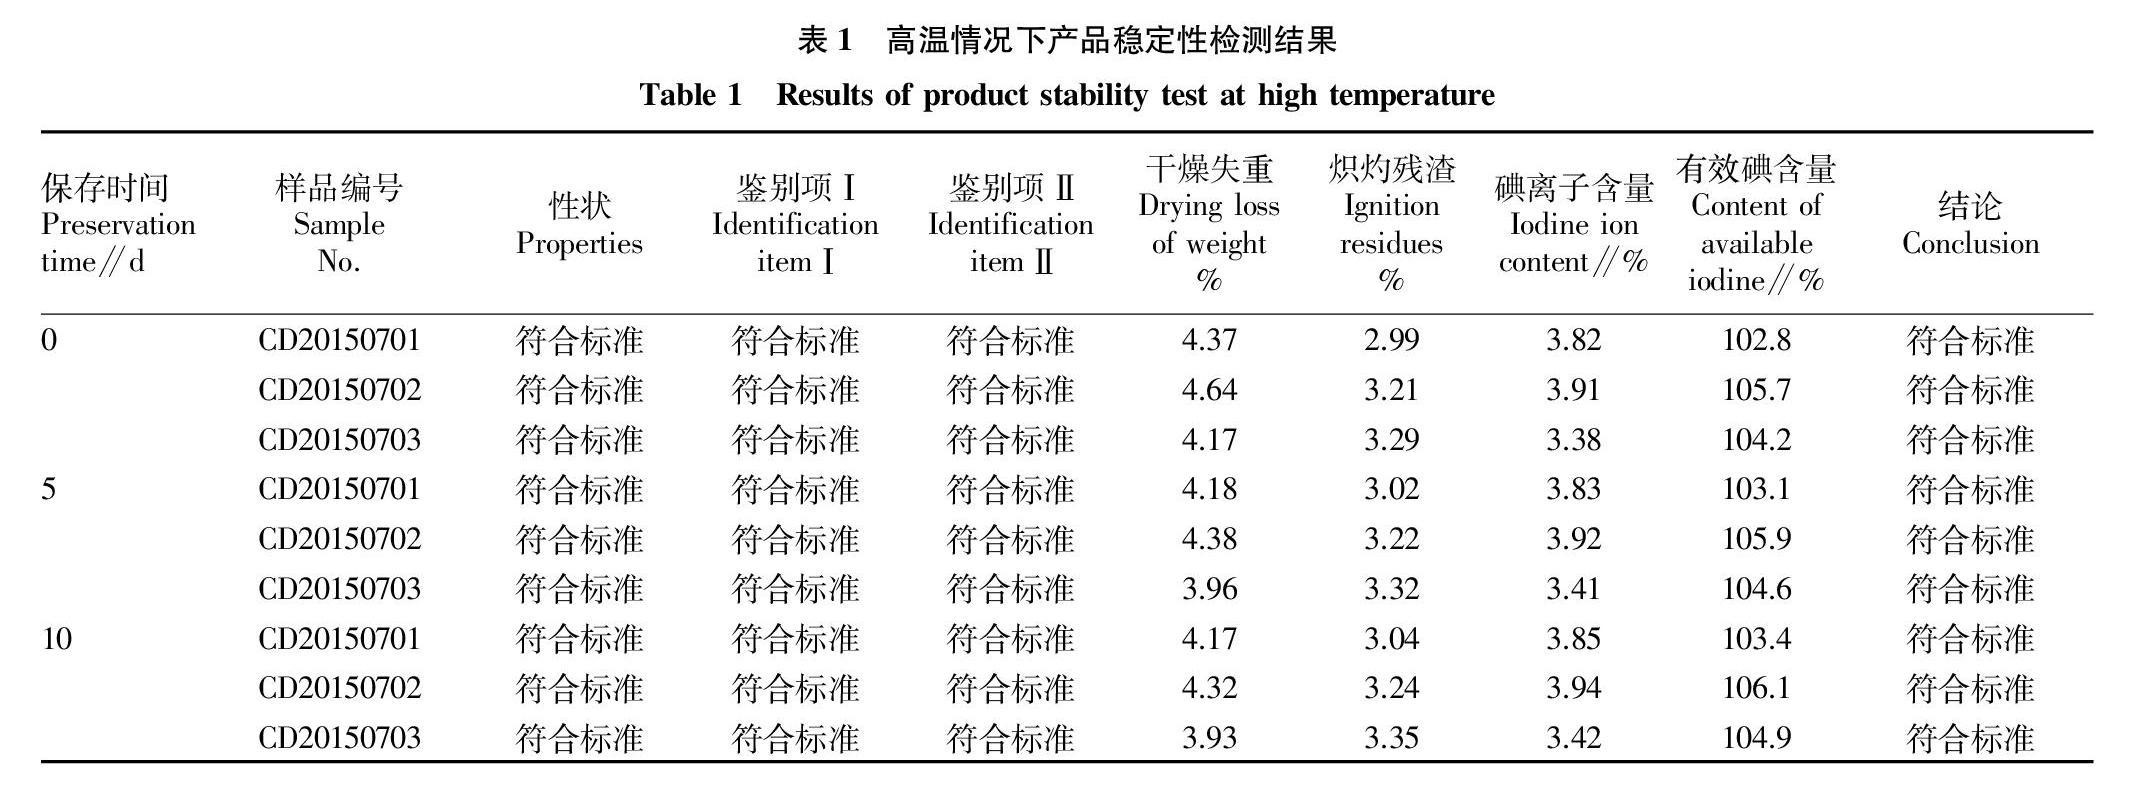 新型消毒剂西地碘粉稳定性、最佳贮存条件、有效期研究